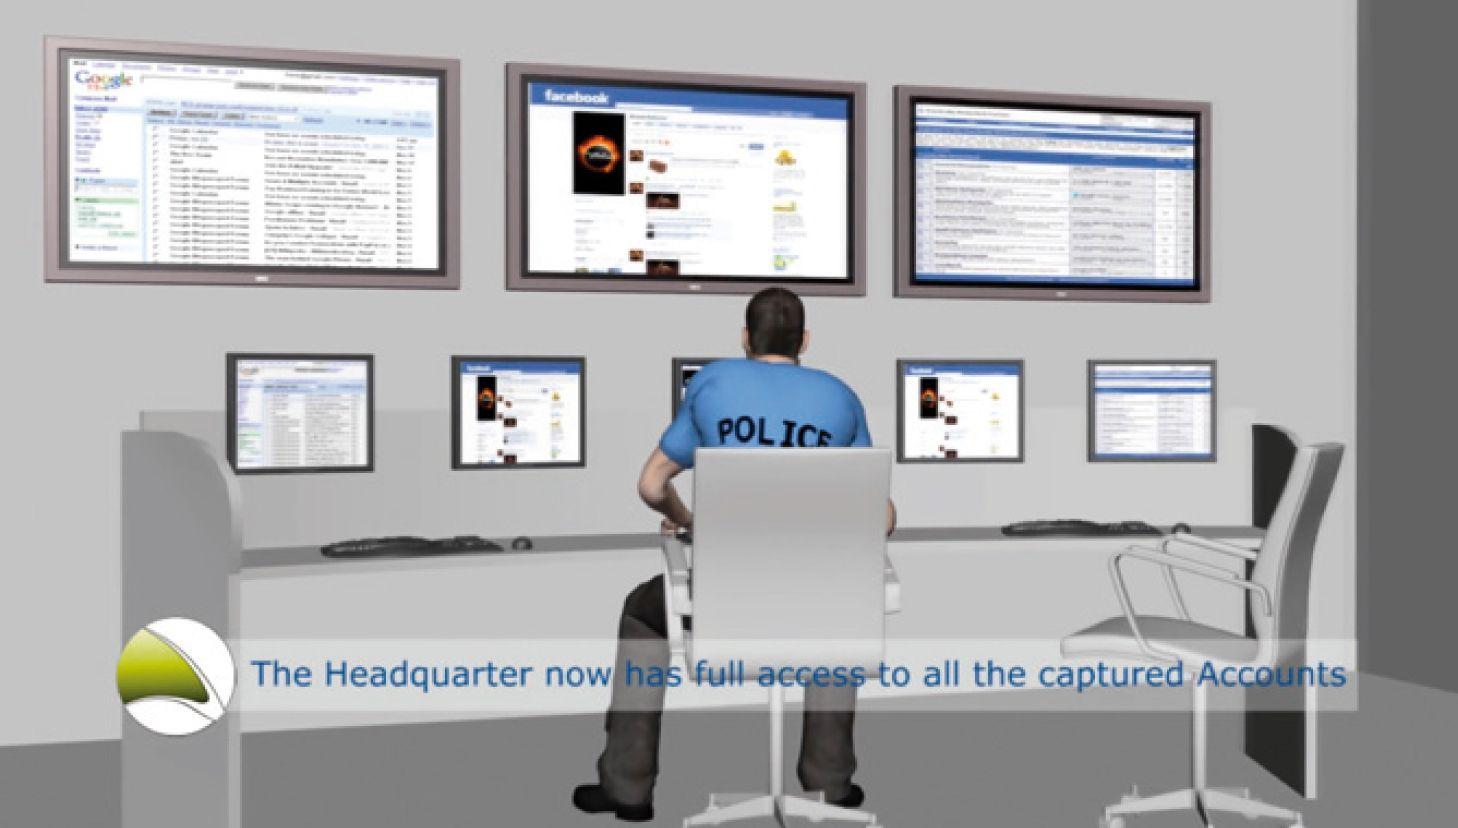 """SP 49/2011 Werbevideo Überwachungssoftware """"FinFisher"""" #3"""